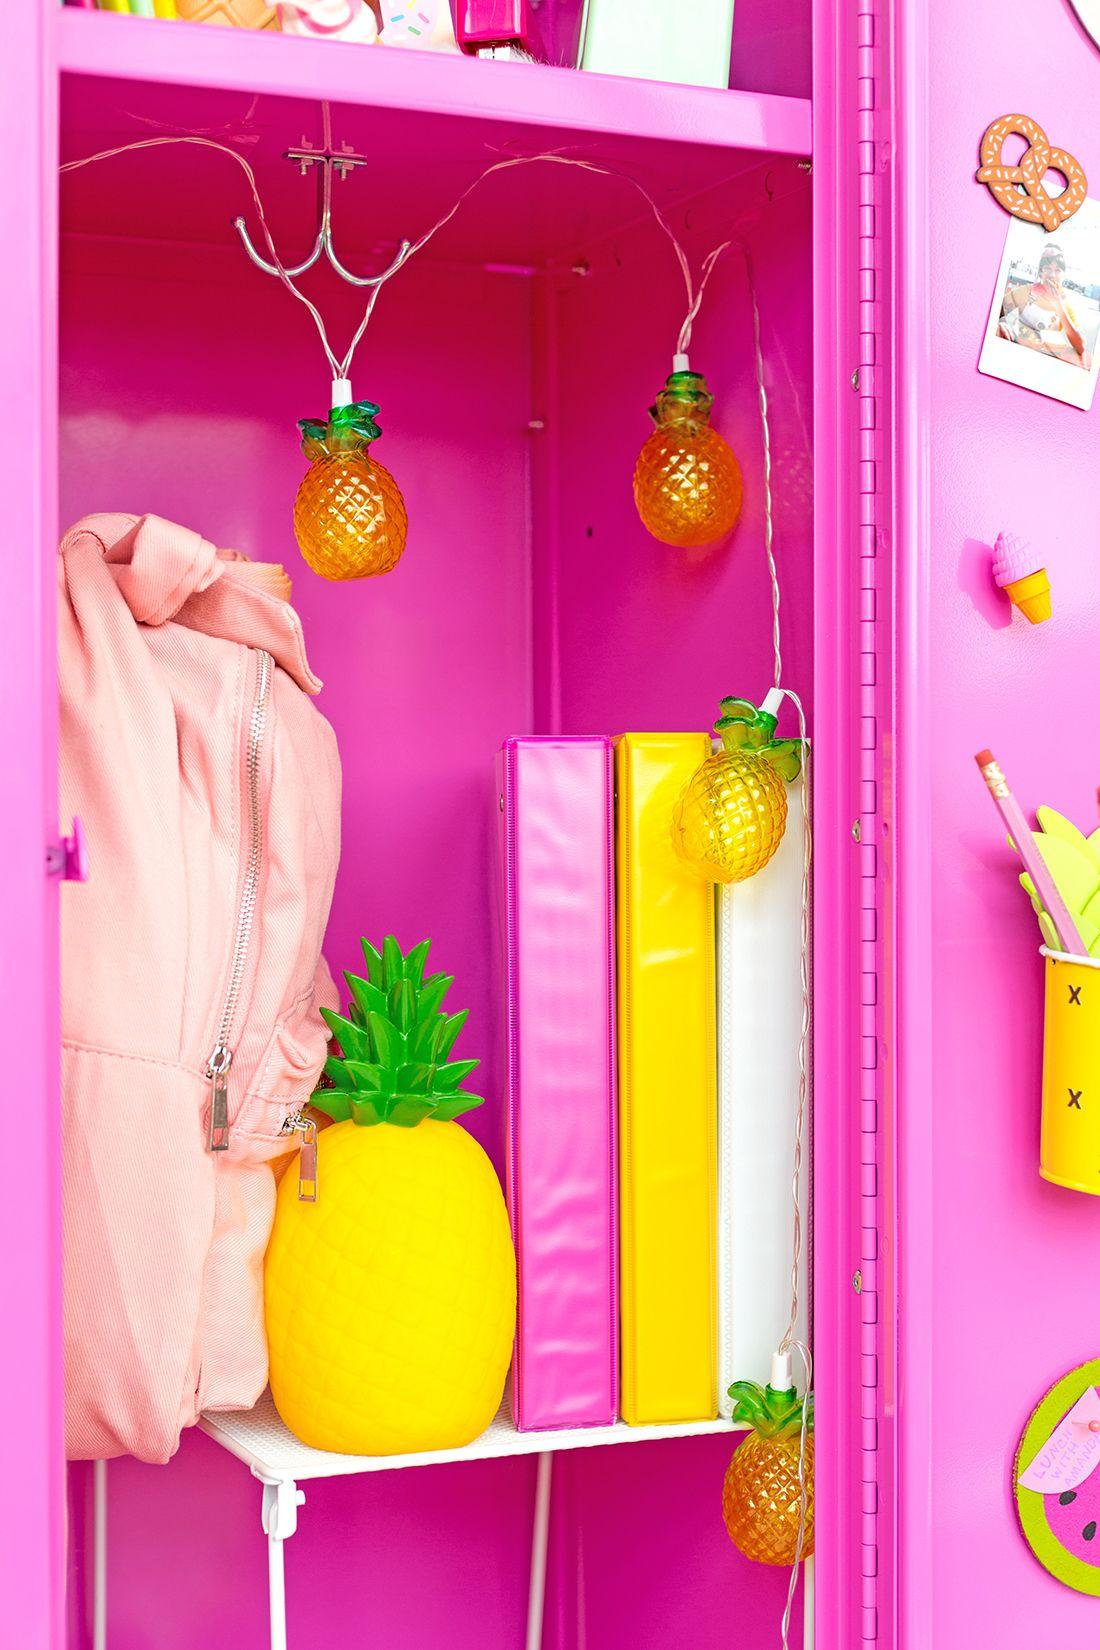 Décoration Pour Casier D École colorful diy locker decoration ideas | casiers scolaires